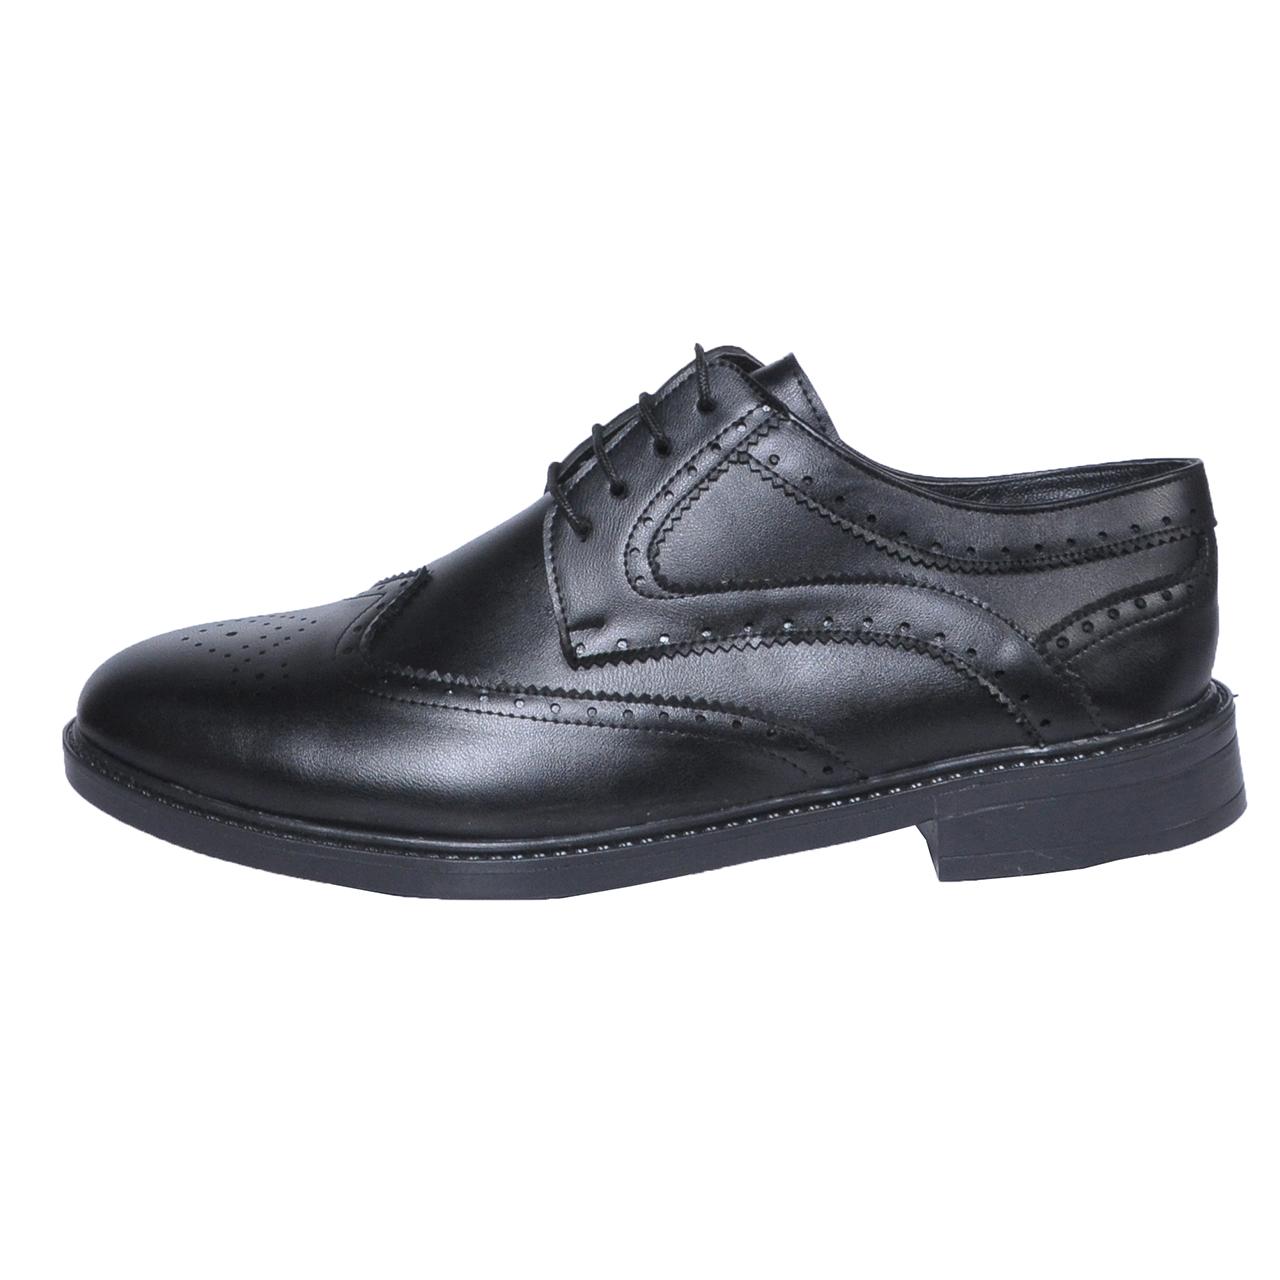 کفش مردانه کد 2020